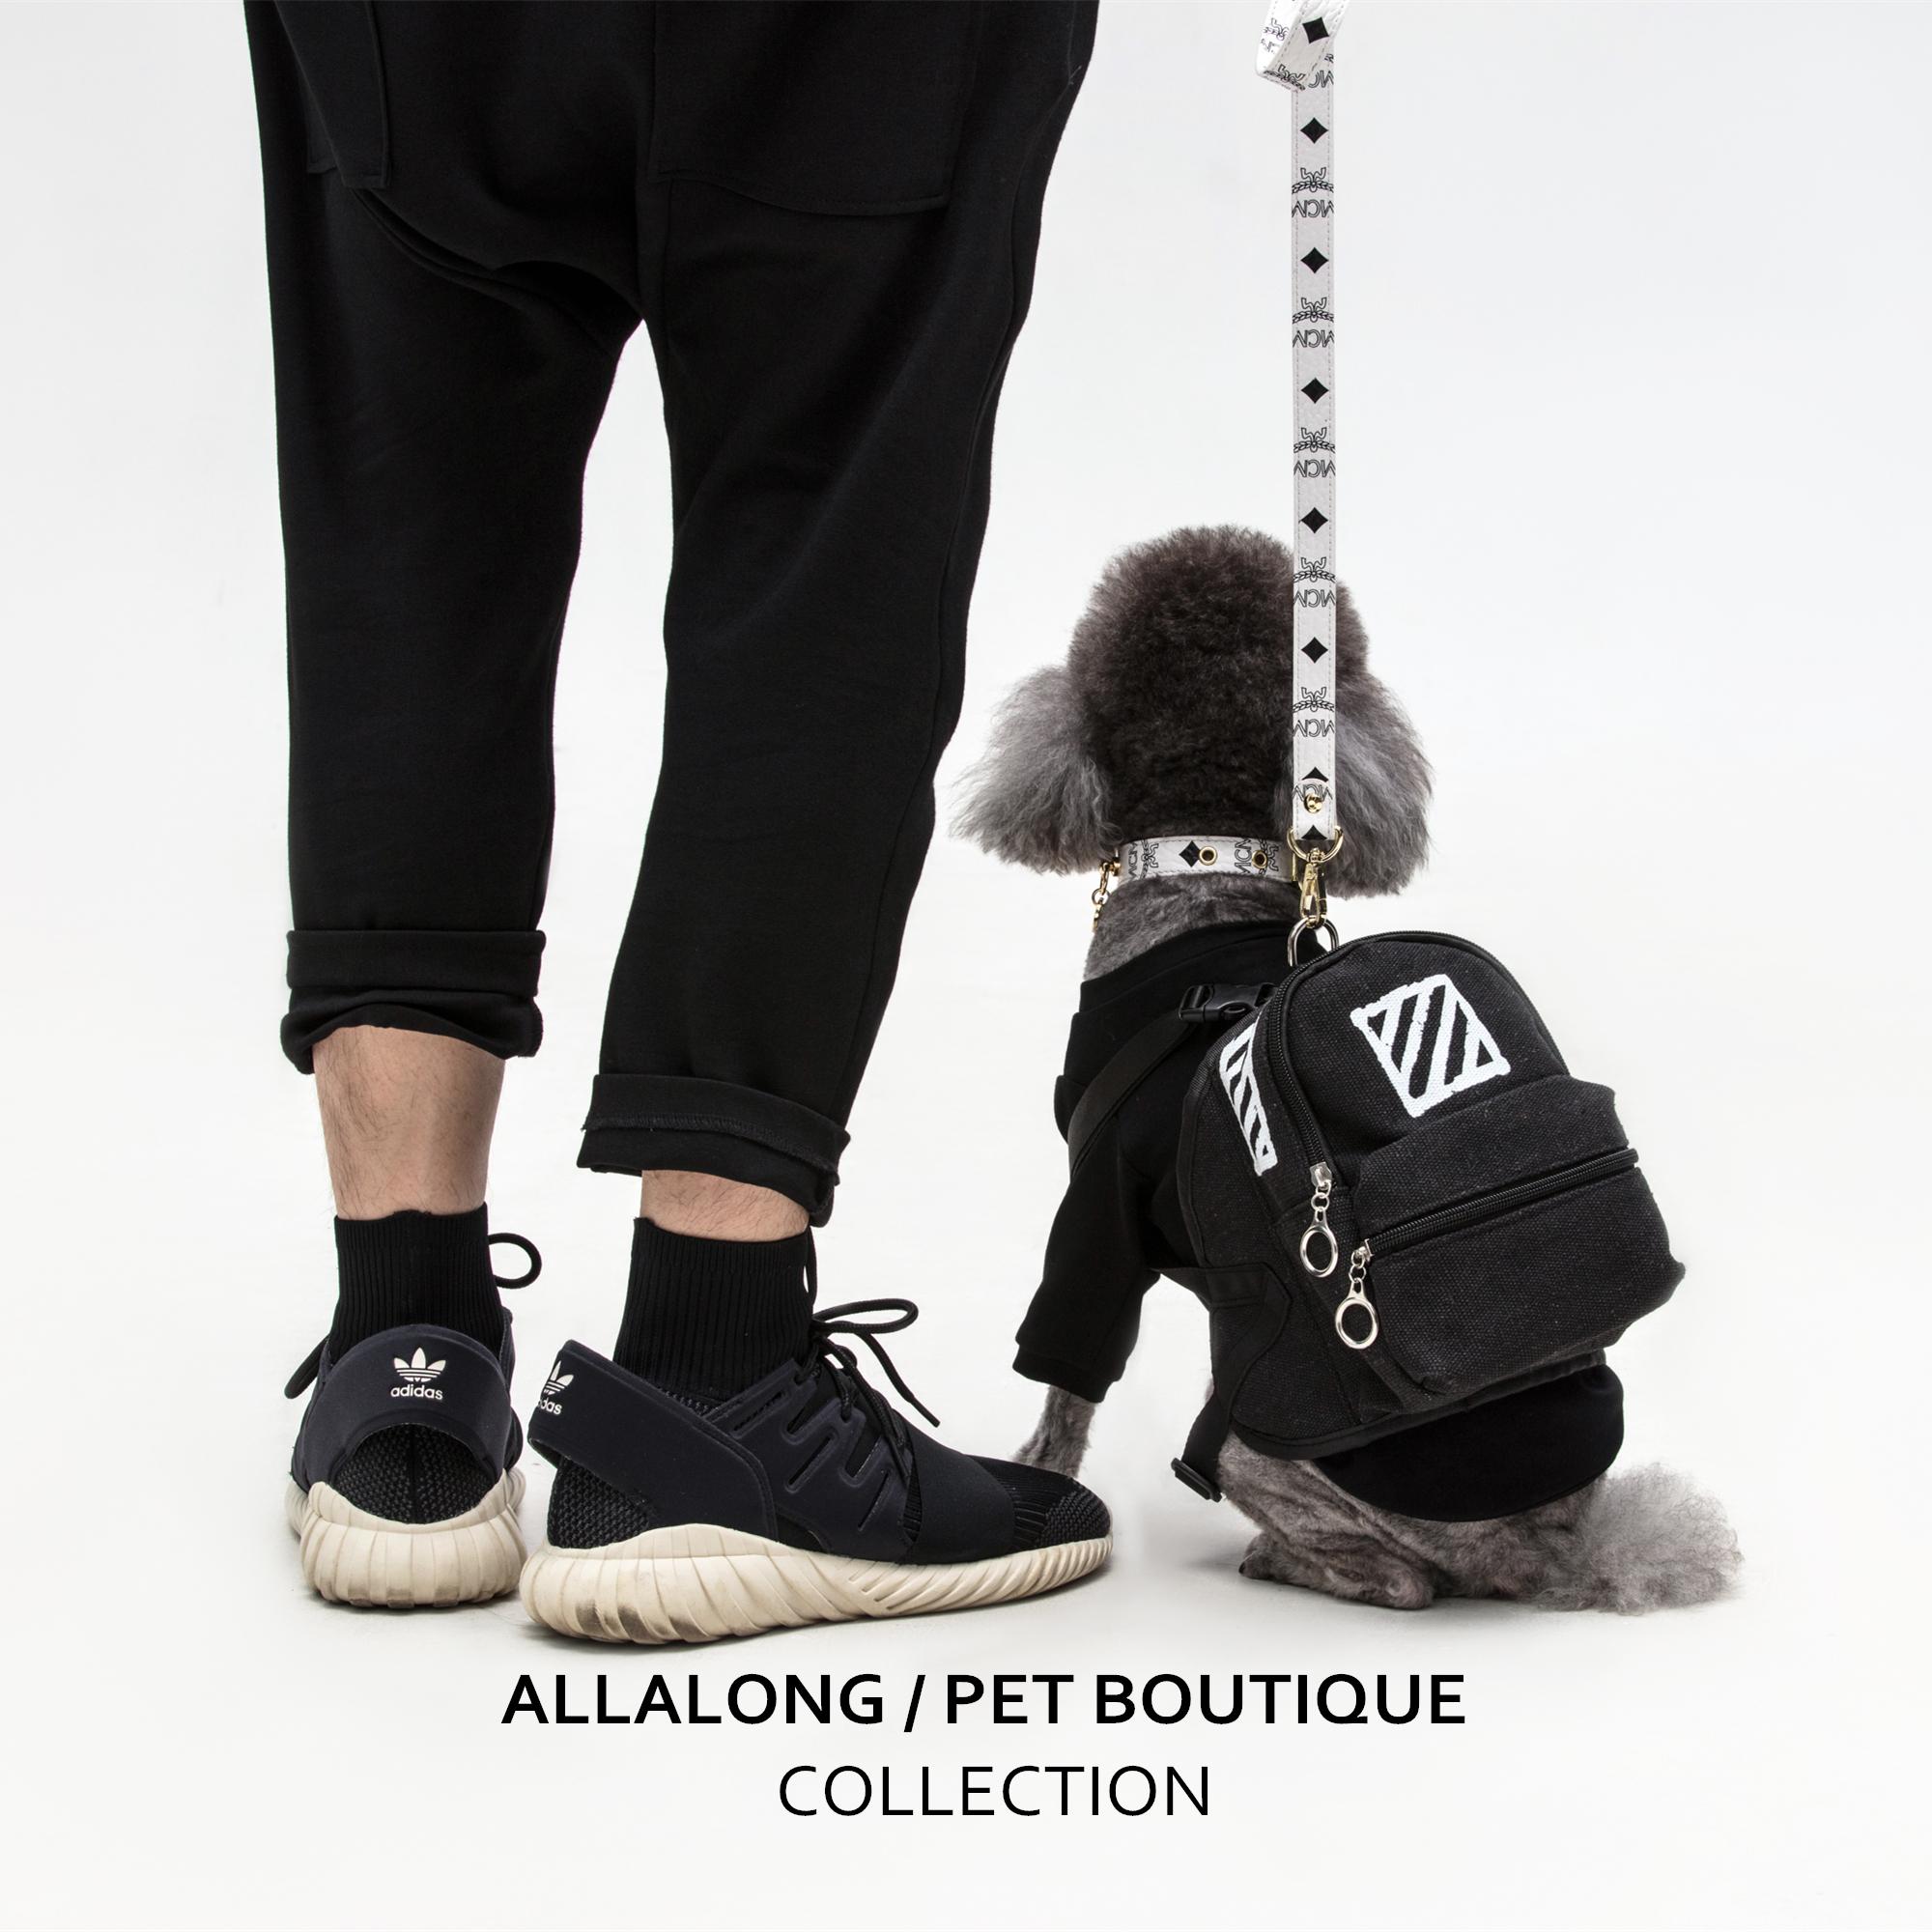 ALLALONG домашнее животное прилив бренд портфель домашнее животное упряжь